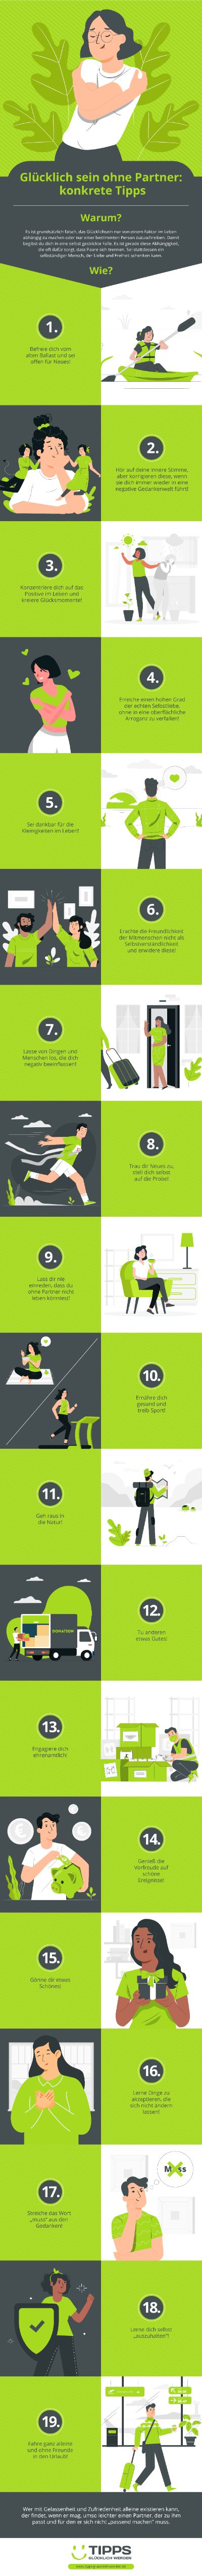 Infografik Glücklich Sein Ohne Partner: Das Geht